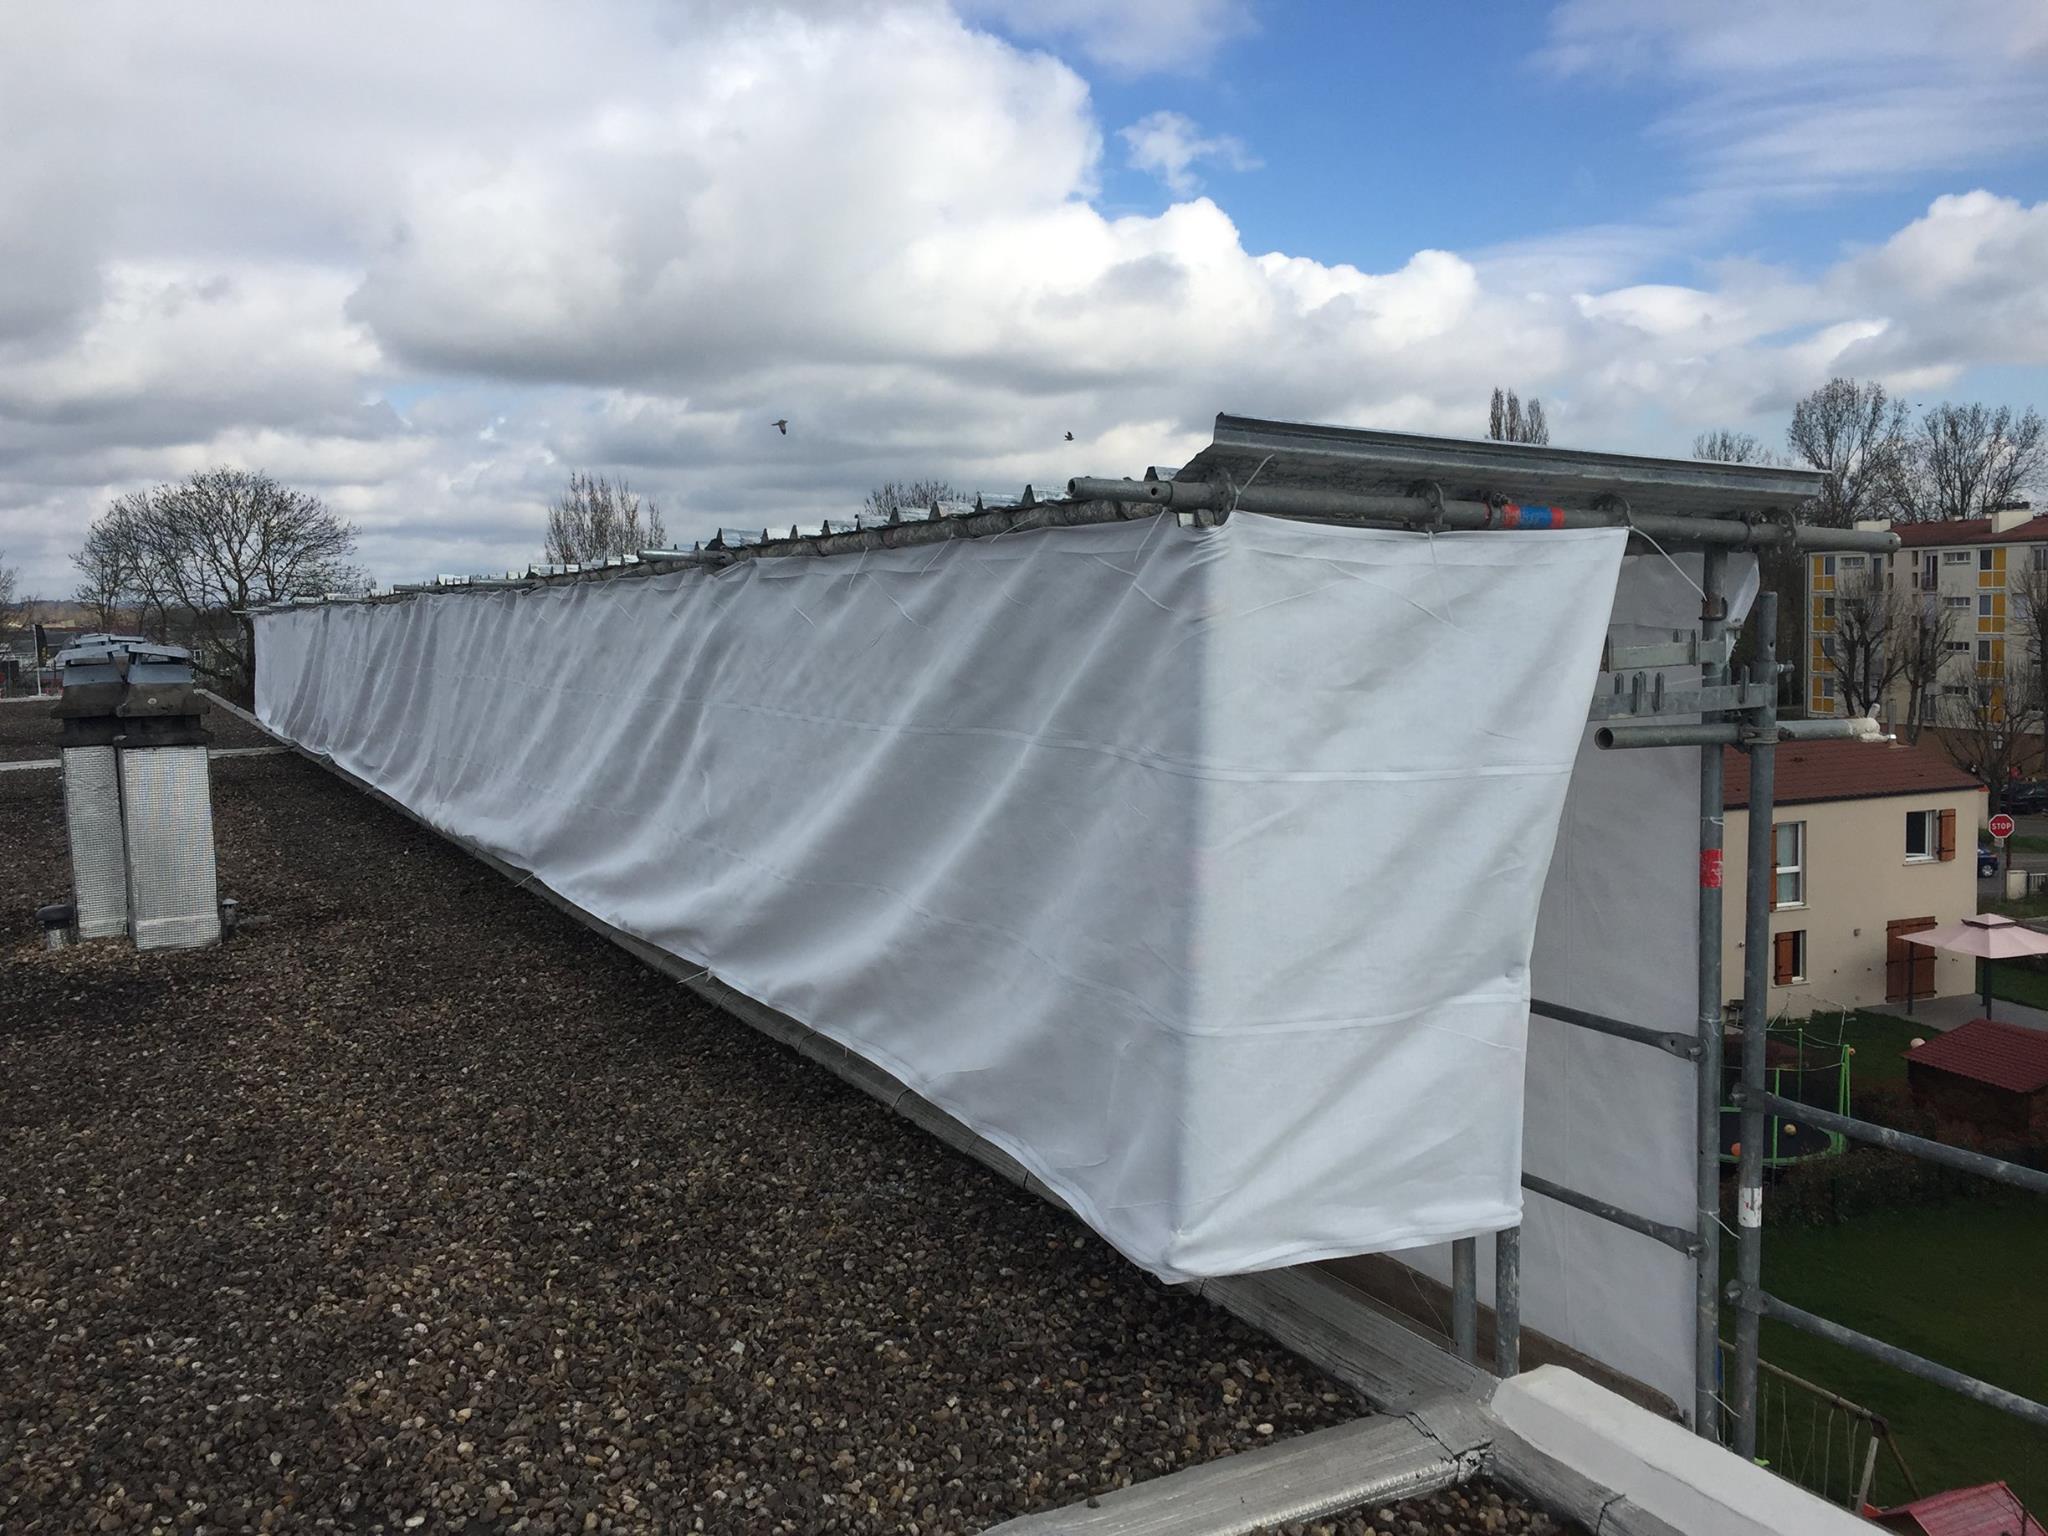 Jour de pluie : la protection en tête d'échafaudage Omniloca est la solution